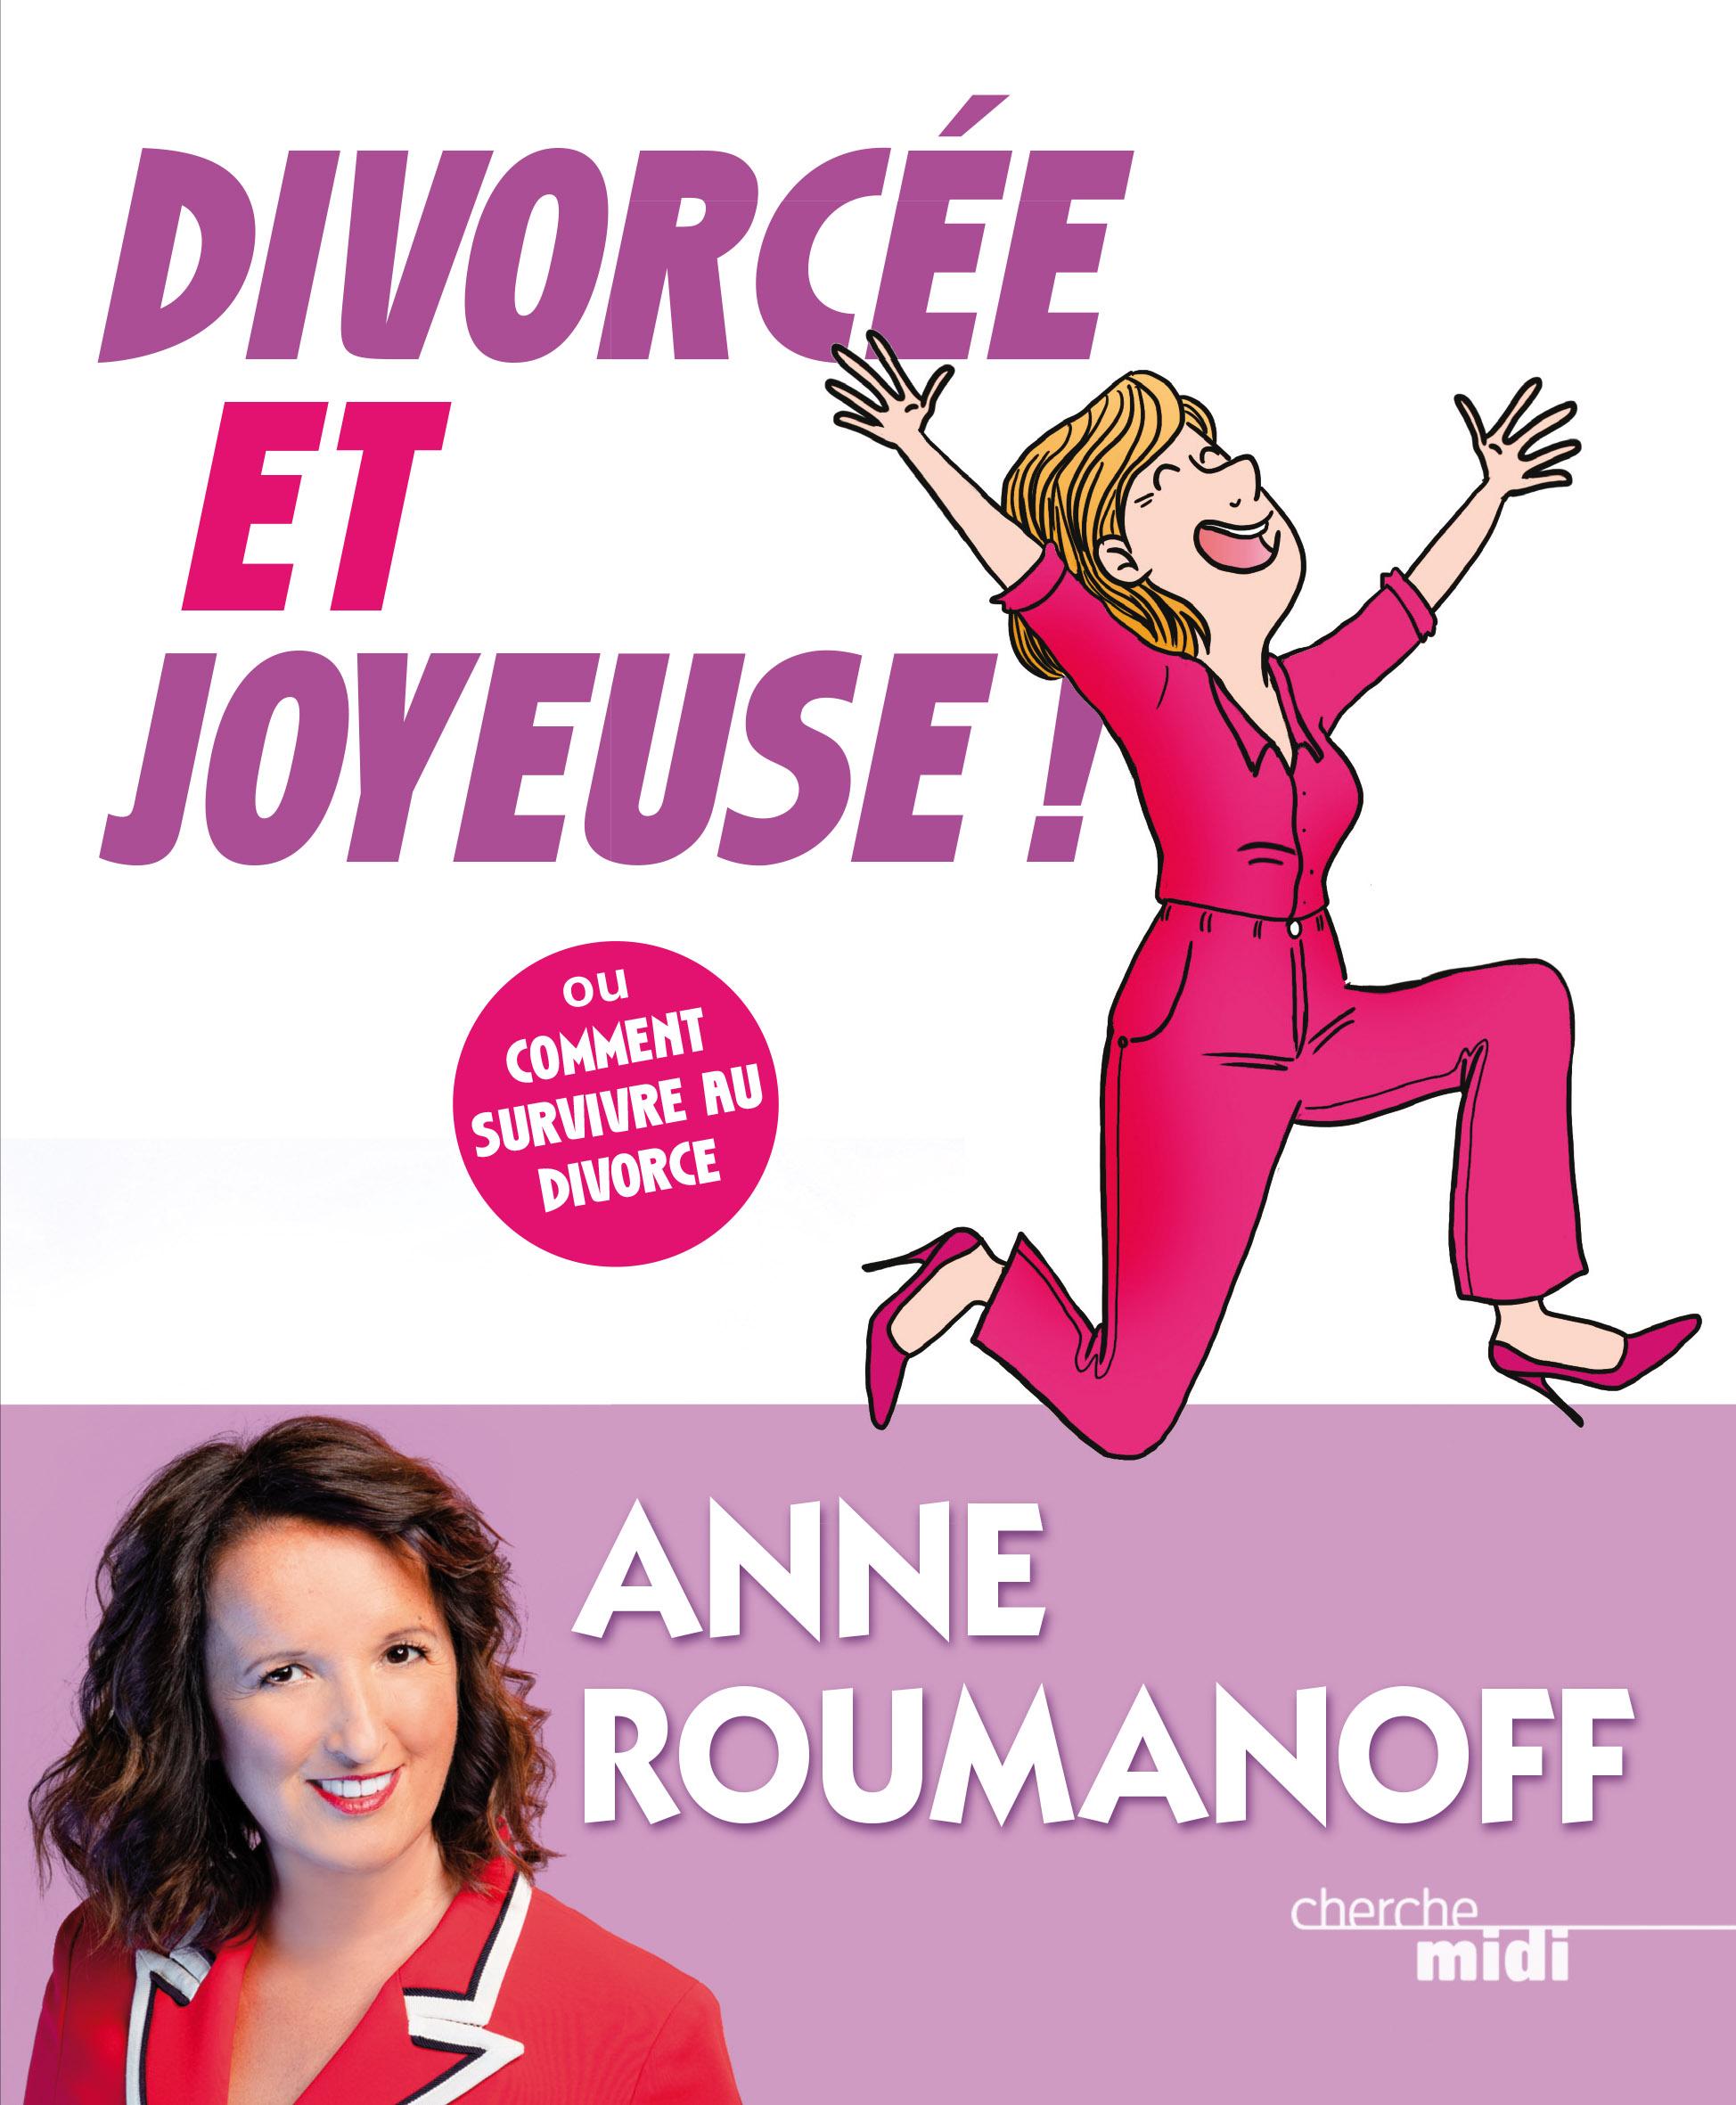 """Anne Roumanoff annonce la sortie de son nouveau livre """"Divorcée et Joyeuse"""", le 7 novembre 2019."""